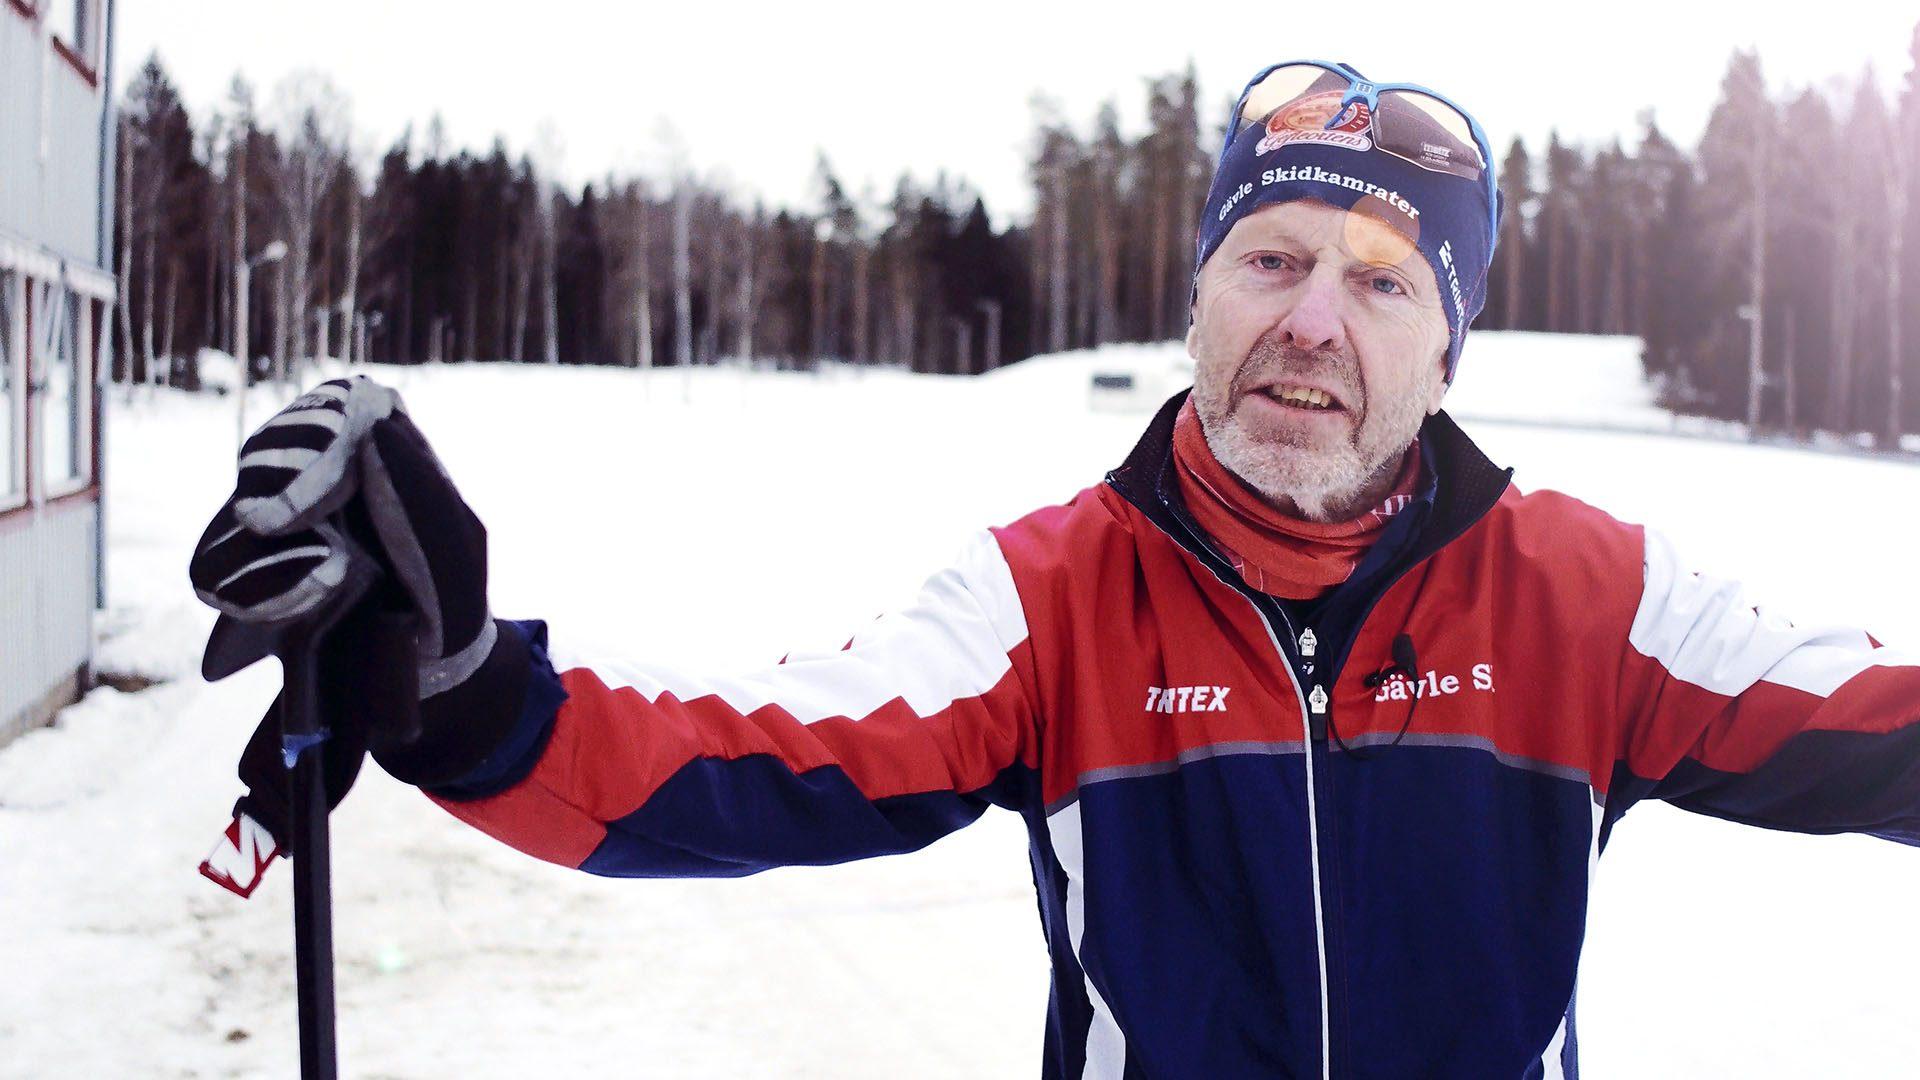 Gävleskidåkaren Ulf Uddbäck tränar inför Vasaloppet.